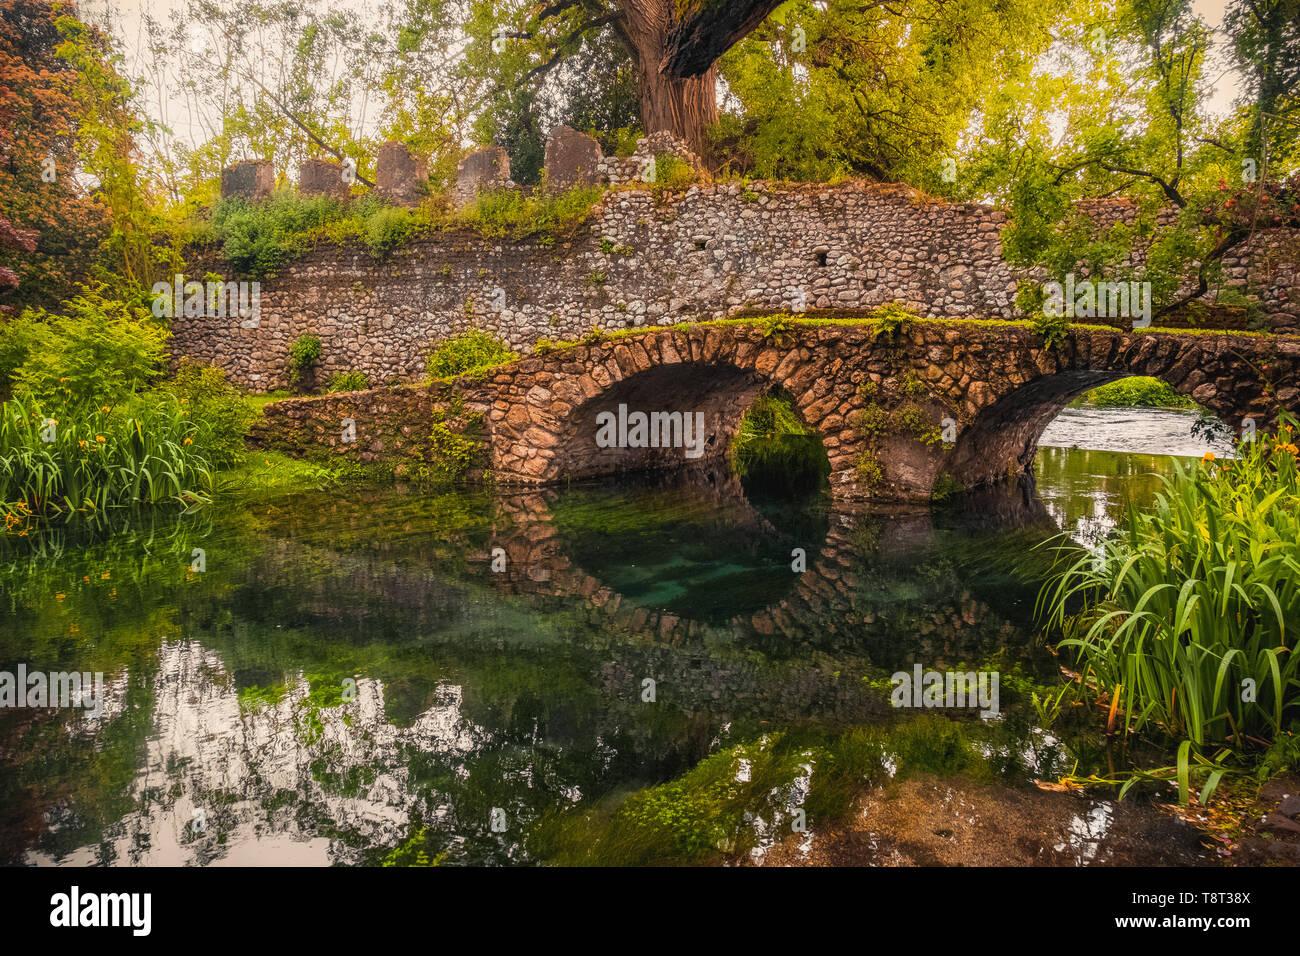 Onirico fantasia medievale foresta paesaggio fiabesco river bridge Immagini Stock